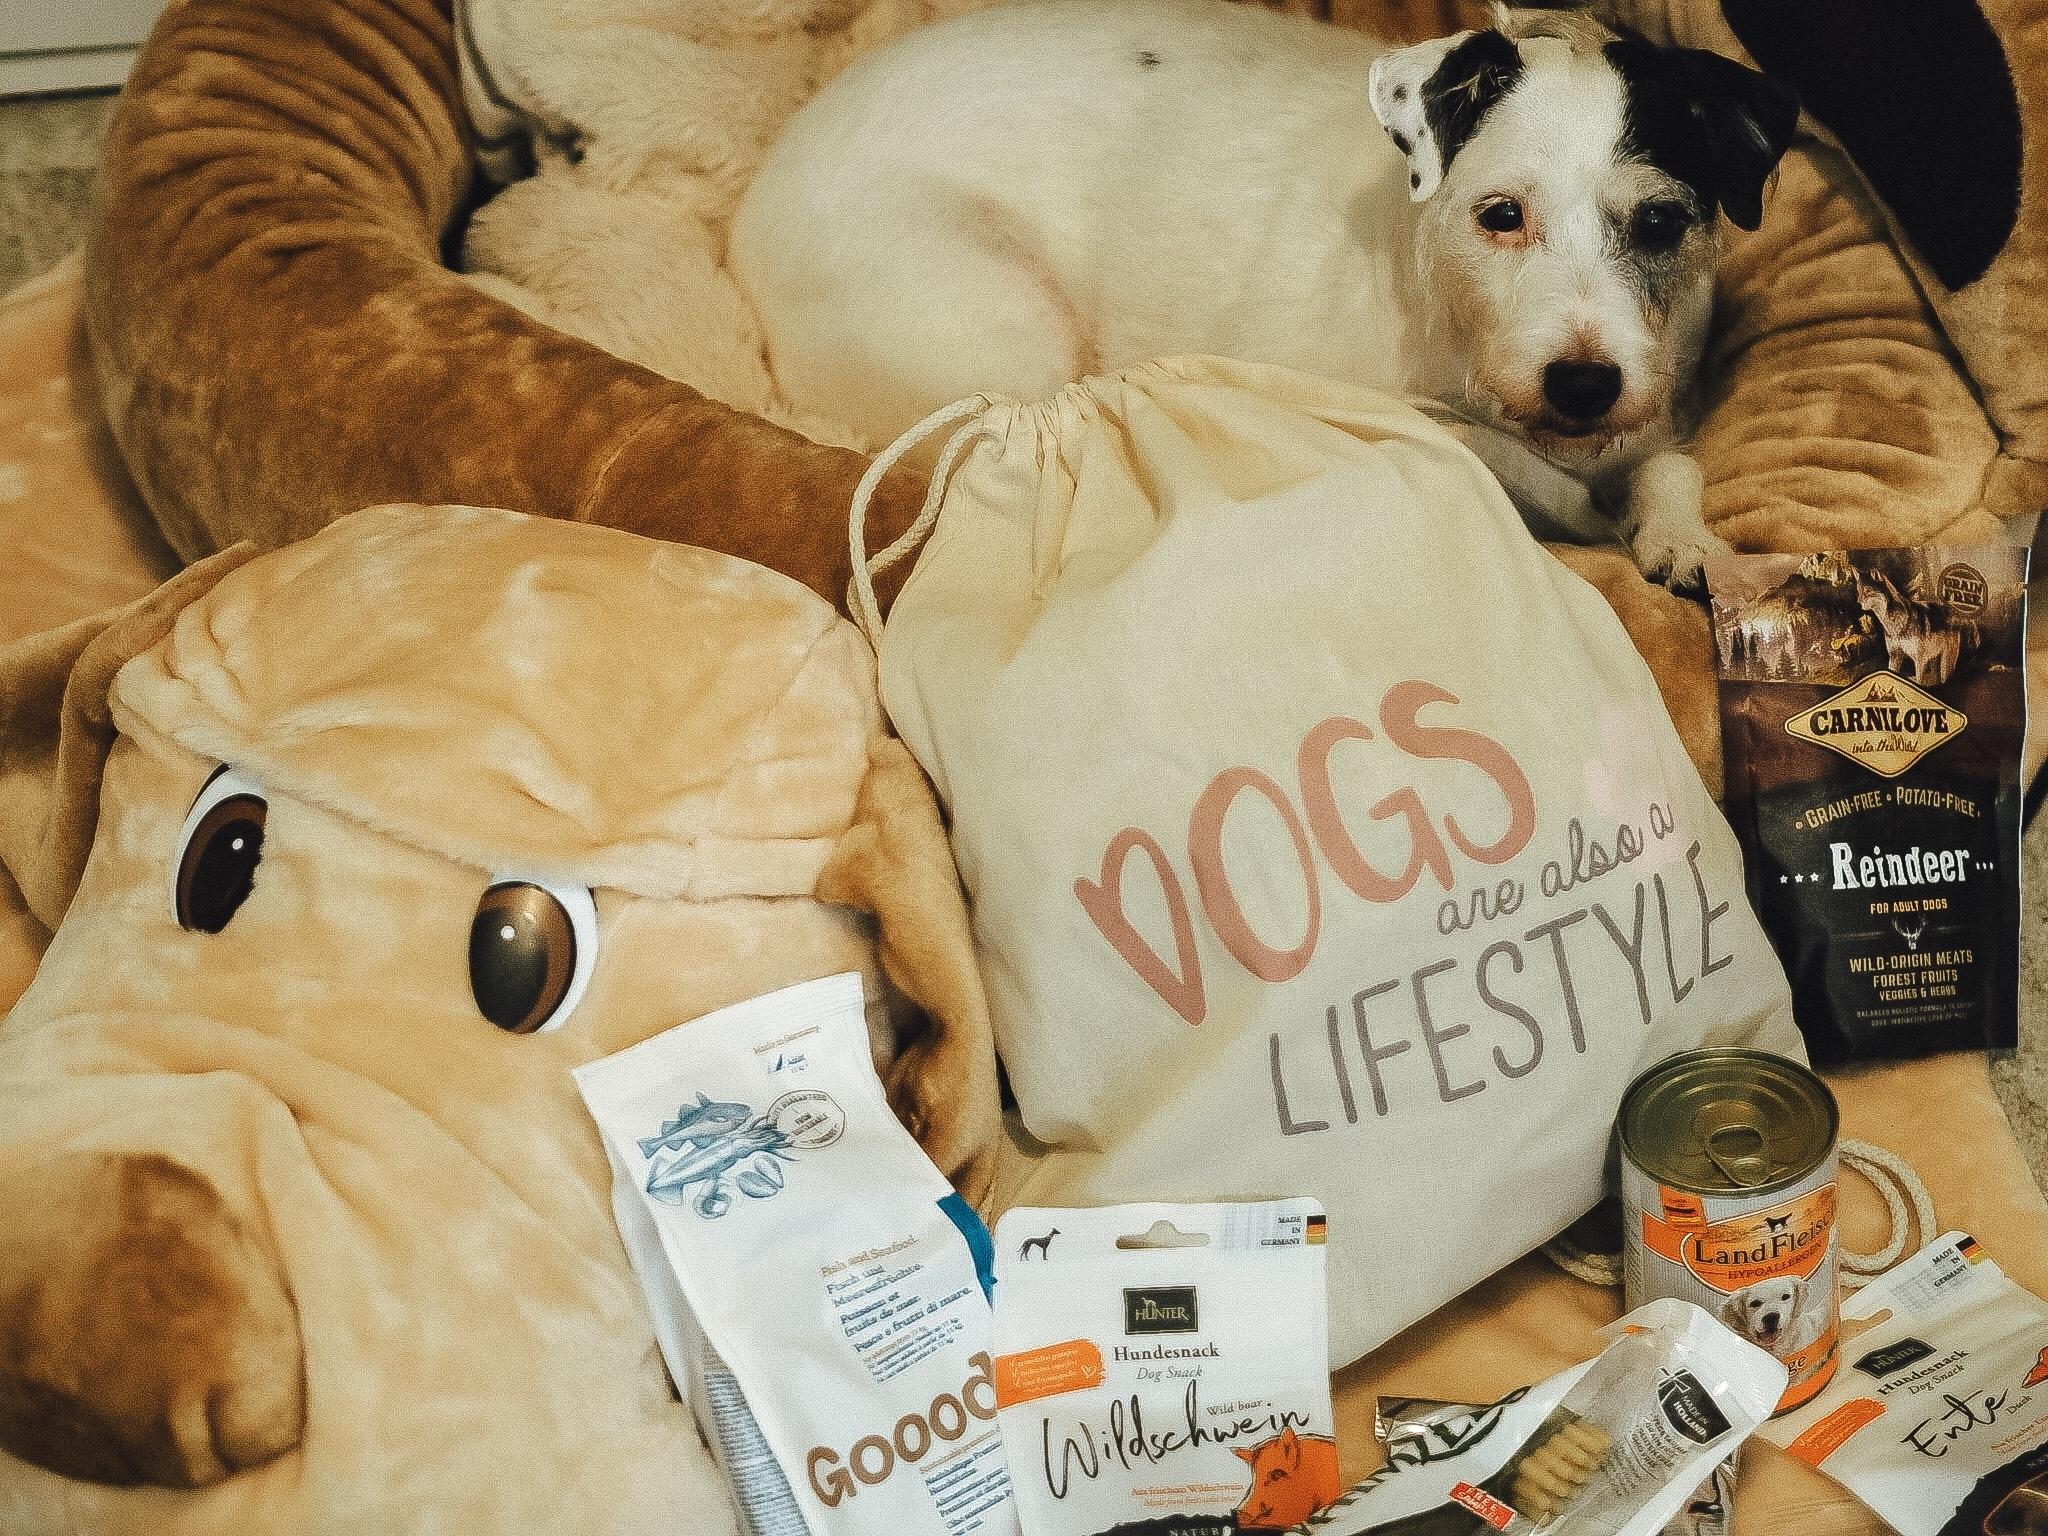 Der Zookauf-Shop ist der Spezialitäten-Shop für Tierfutter und Heimtierbedarf für Hunde, Katzen, Nager und Co. Hier findet man alles fürs geliebte Haustier.